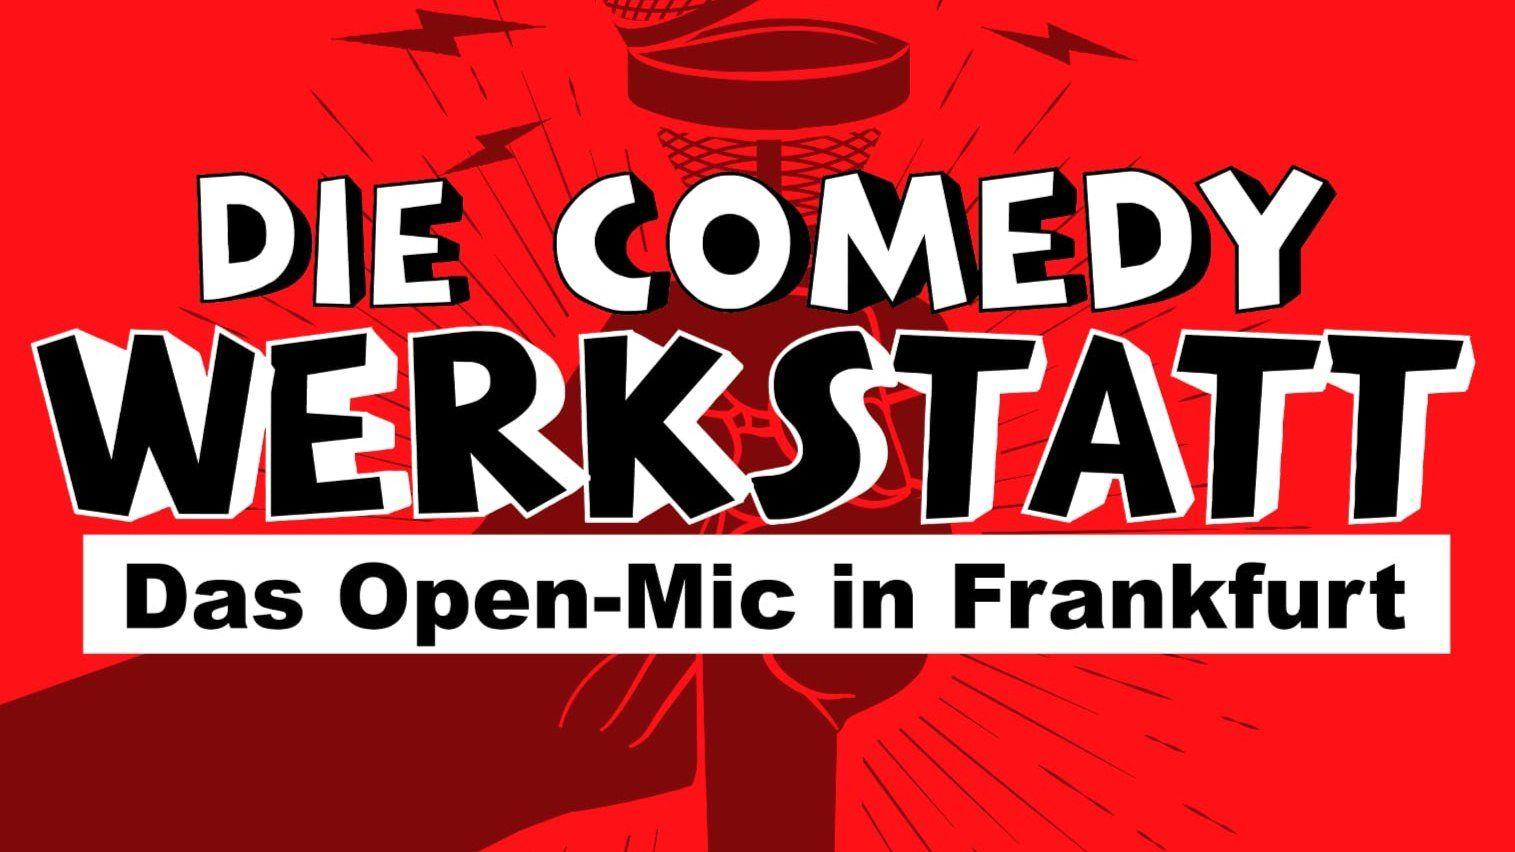 Das Open Mic in Frankfurt (Deutsch)